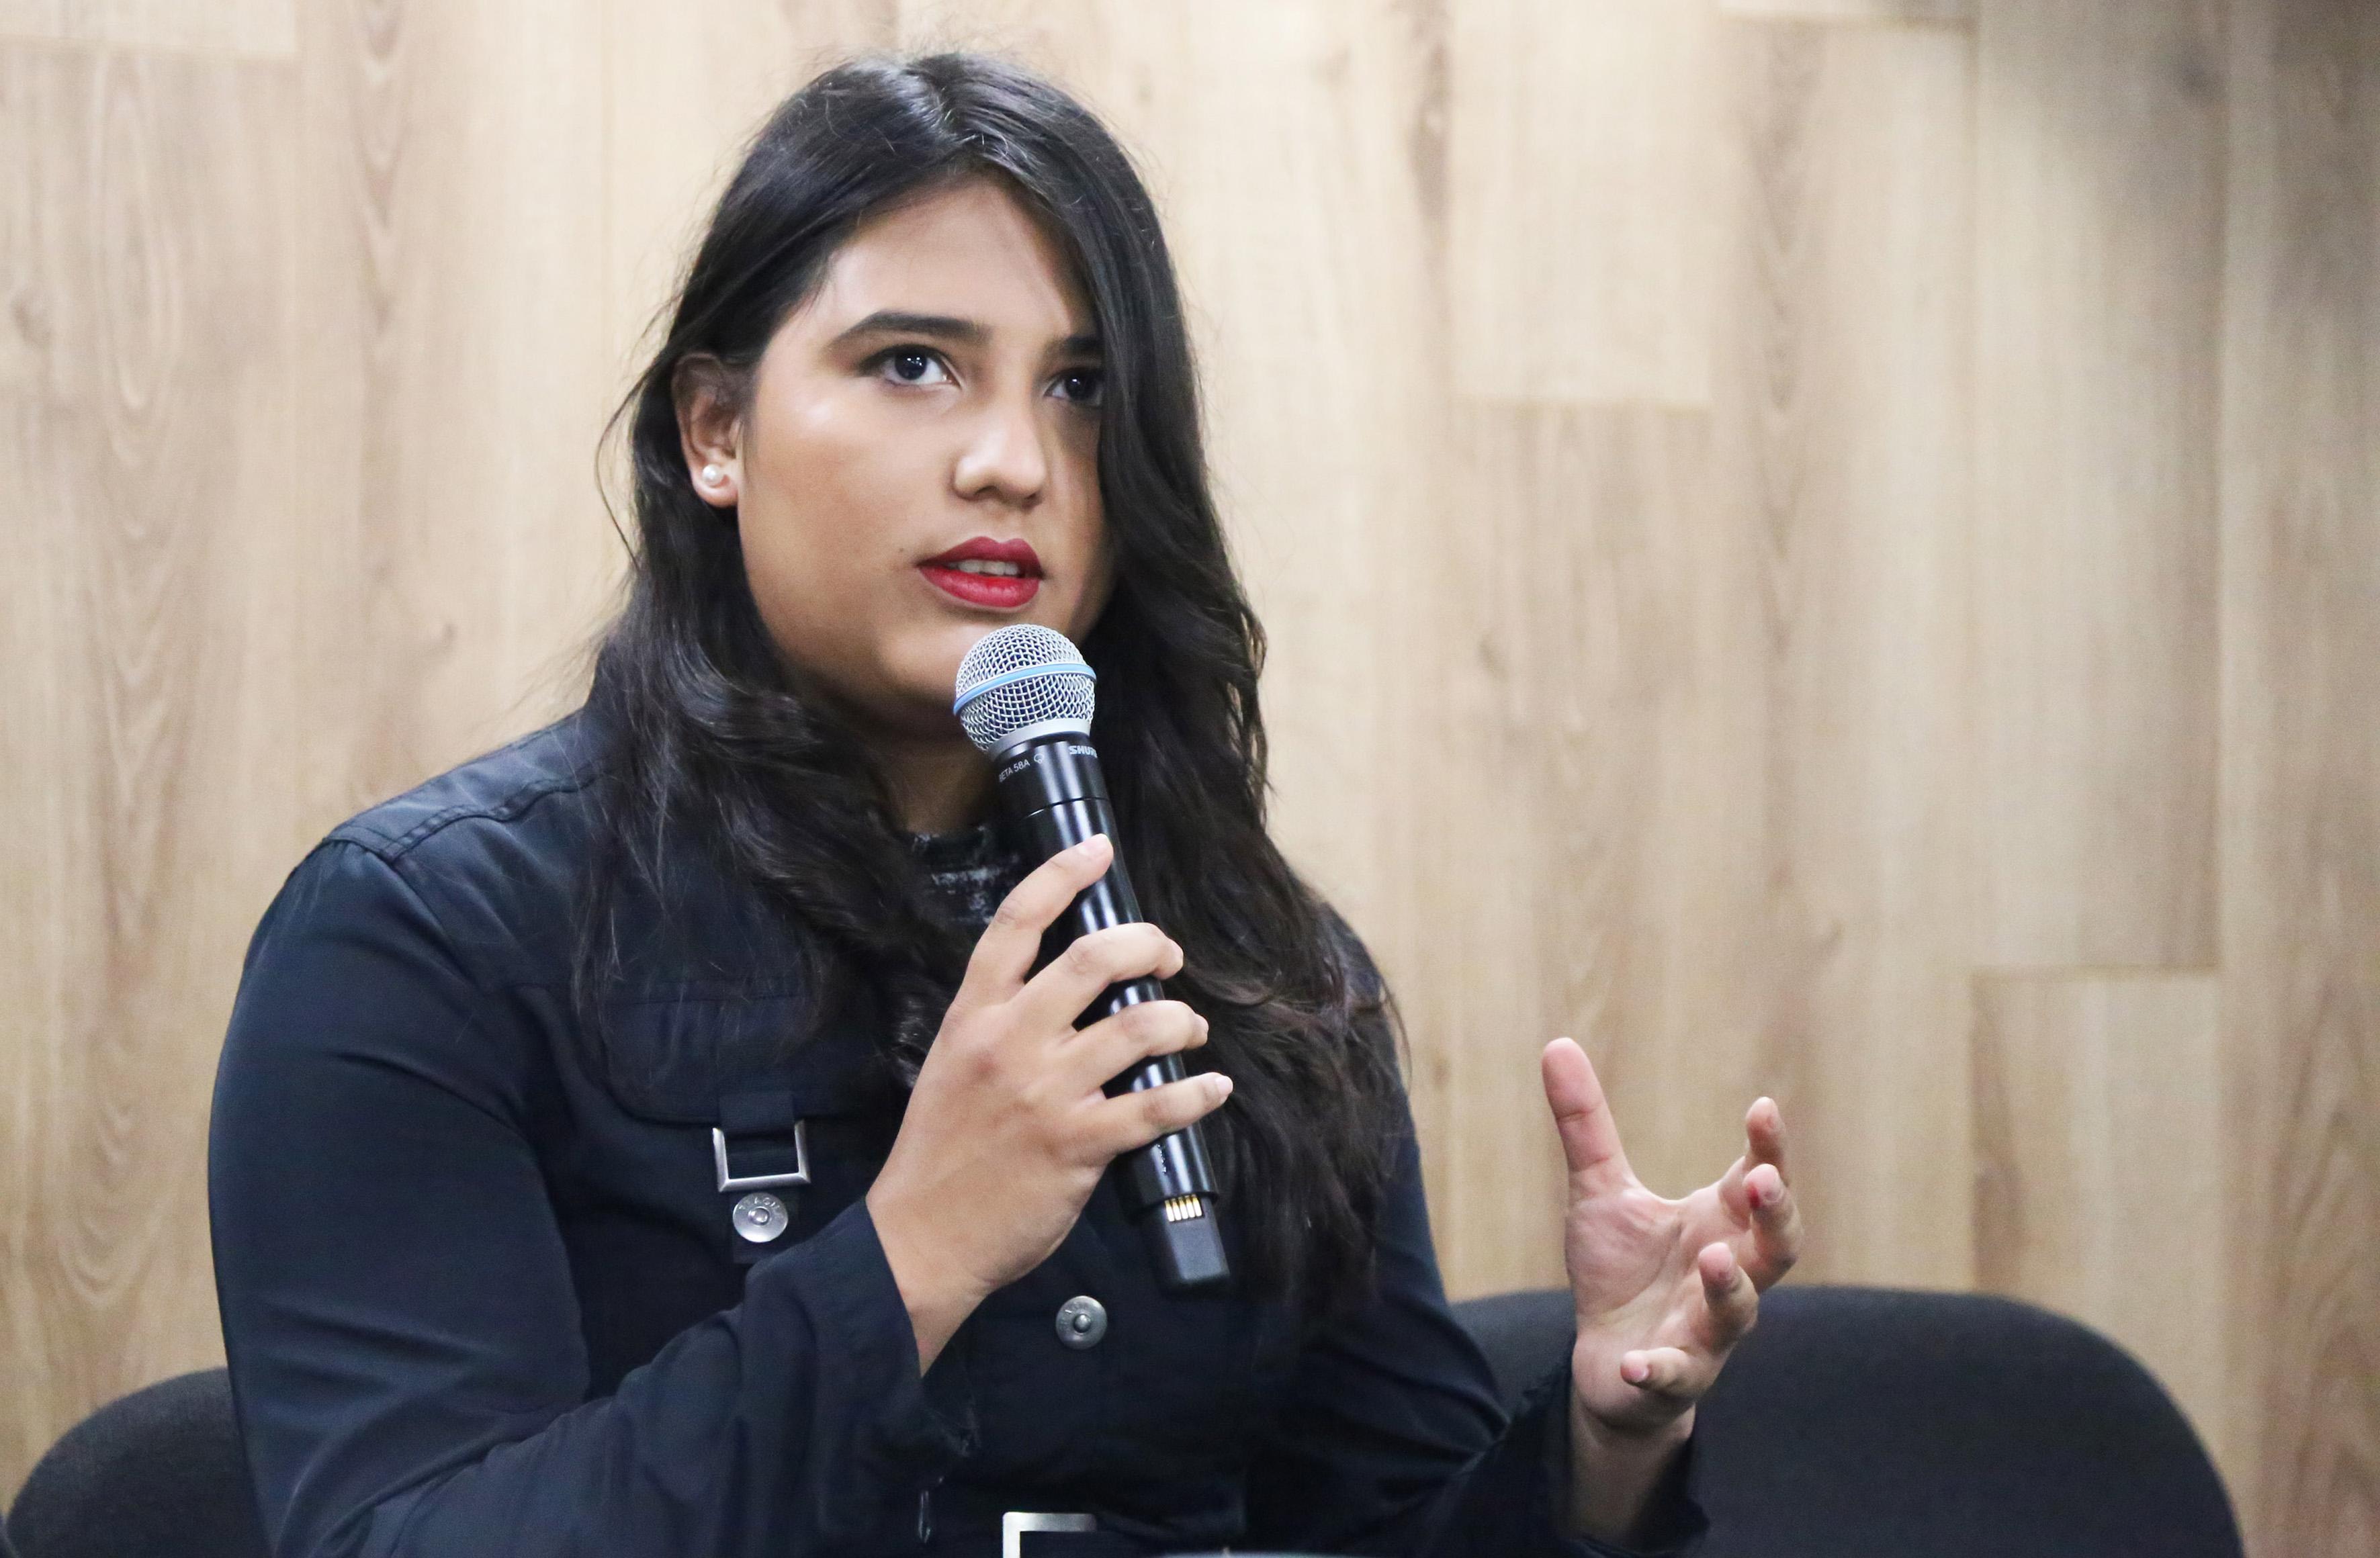 Diana Félix Ruiz, Alumna de la licenciatura en Diseño Industrial, haciendo uso de la palabra